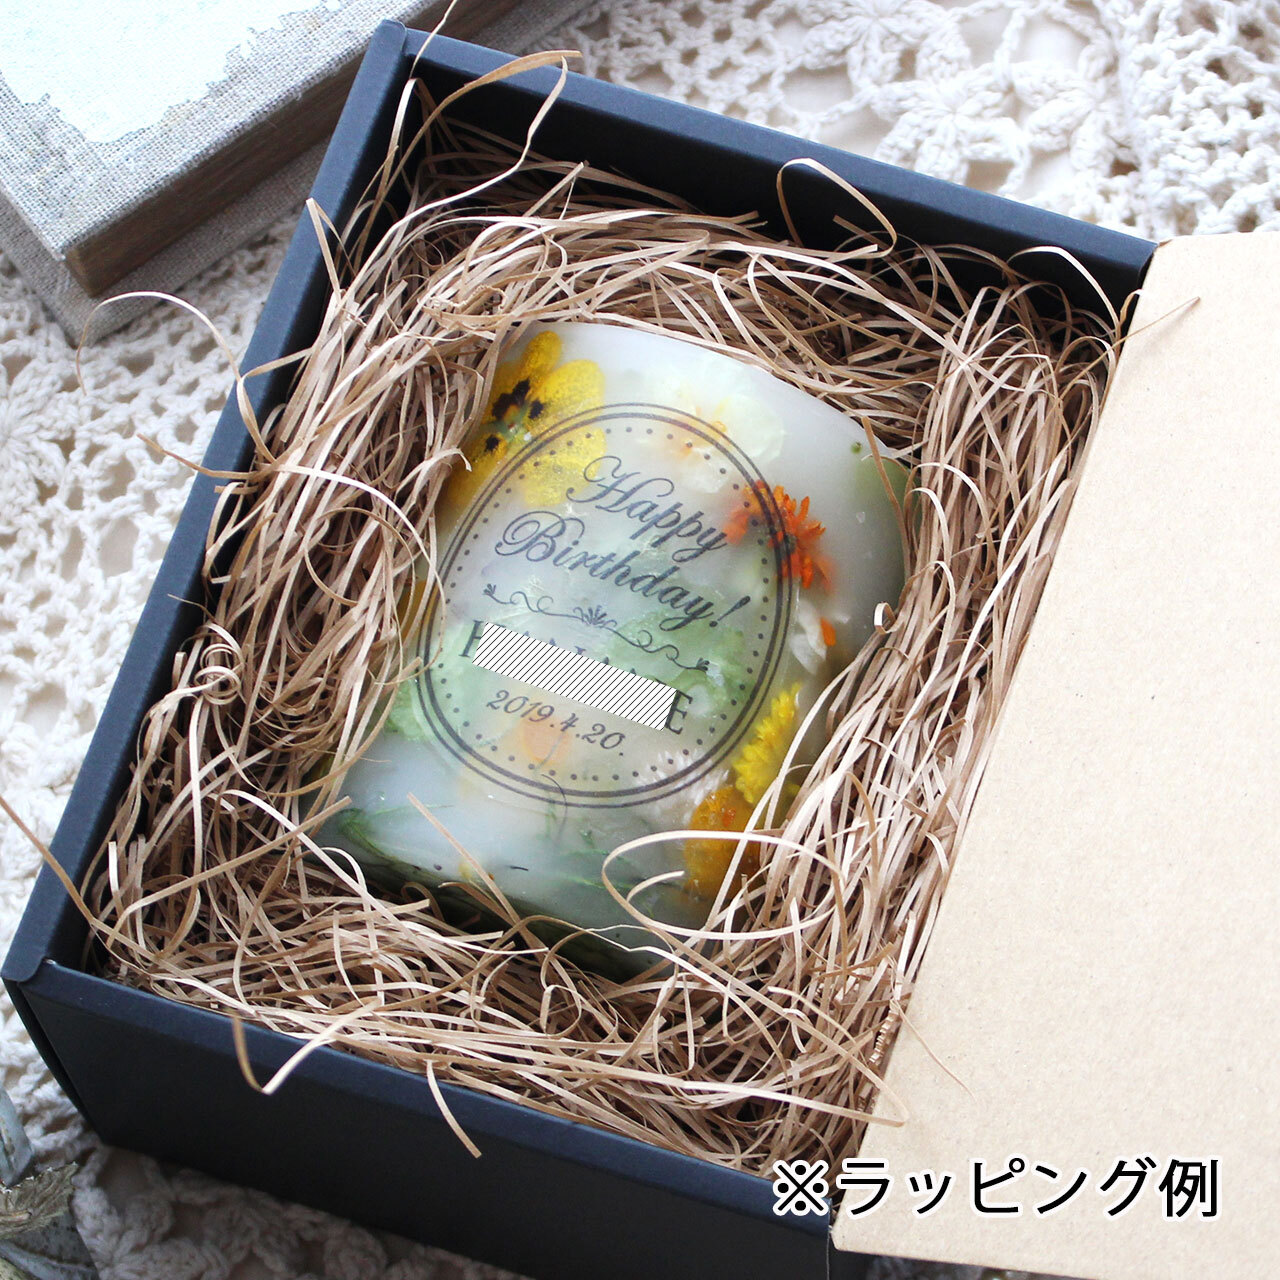 NC241 ギフトラッピング付き☆メッセージ&日付&名入れボタニカルキャンドル プリザーブドローズ